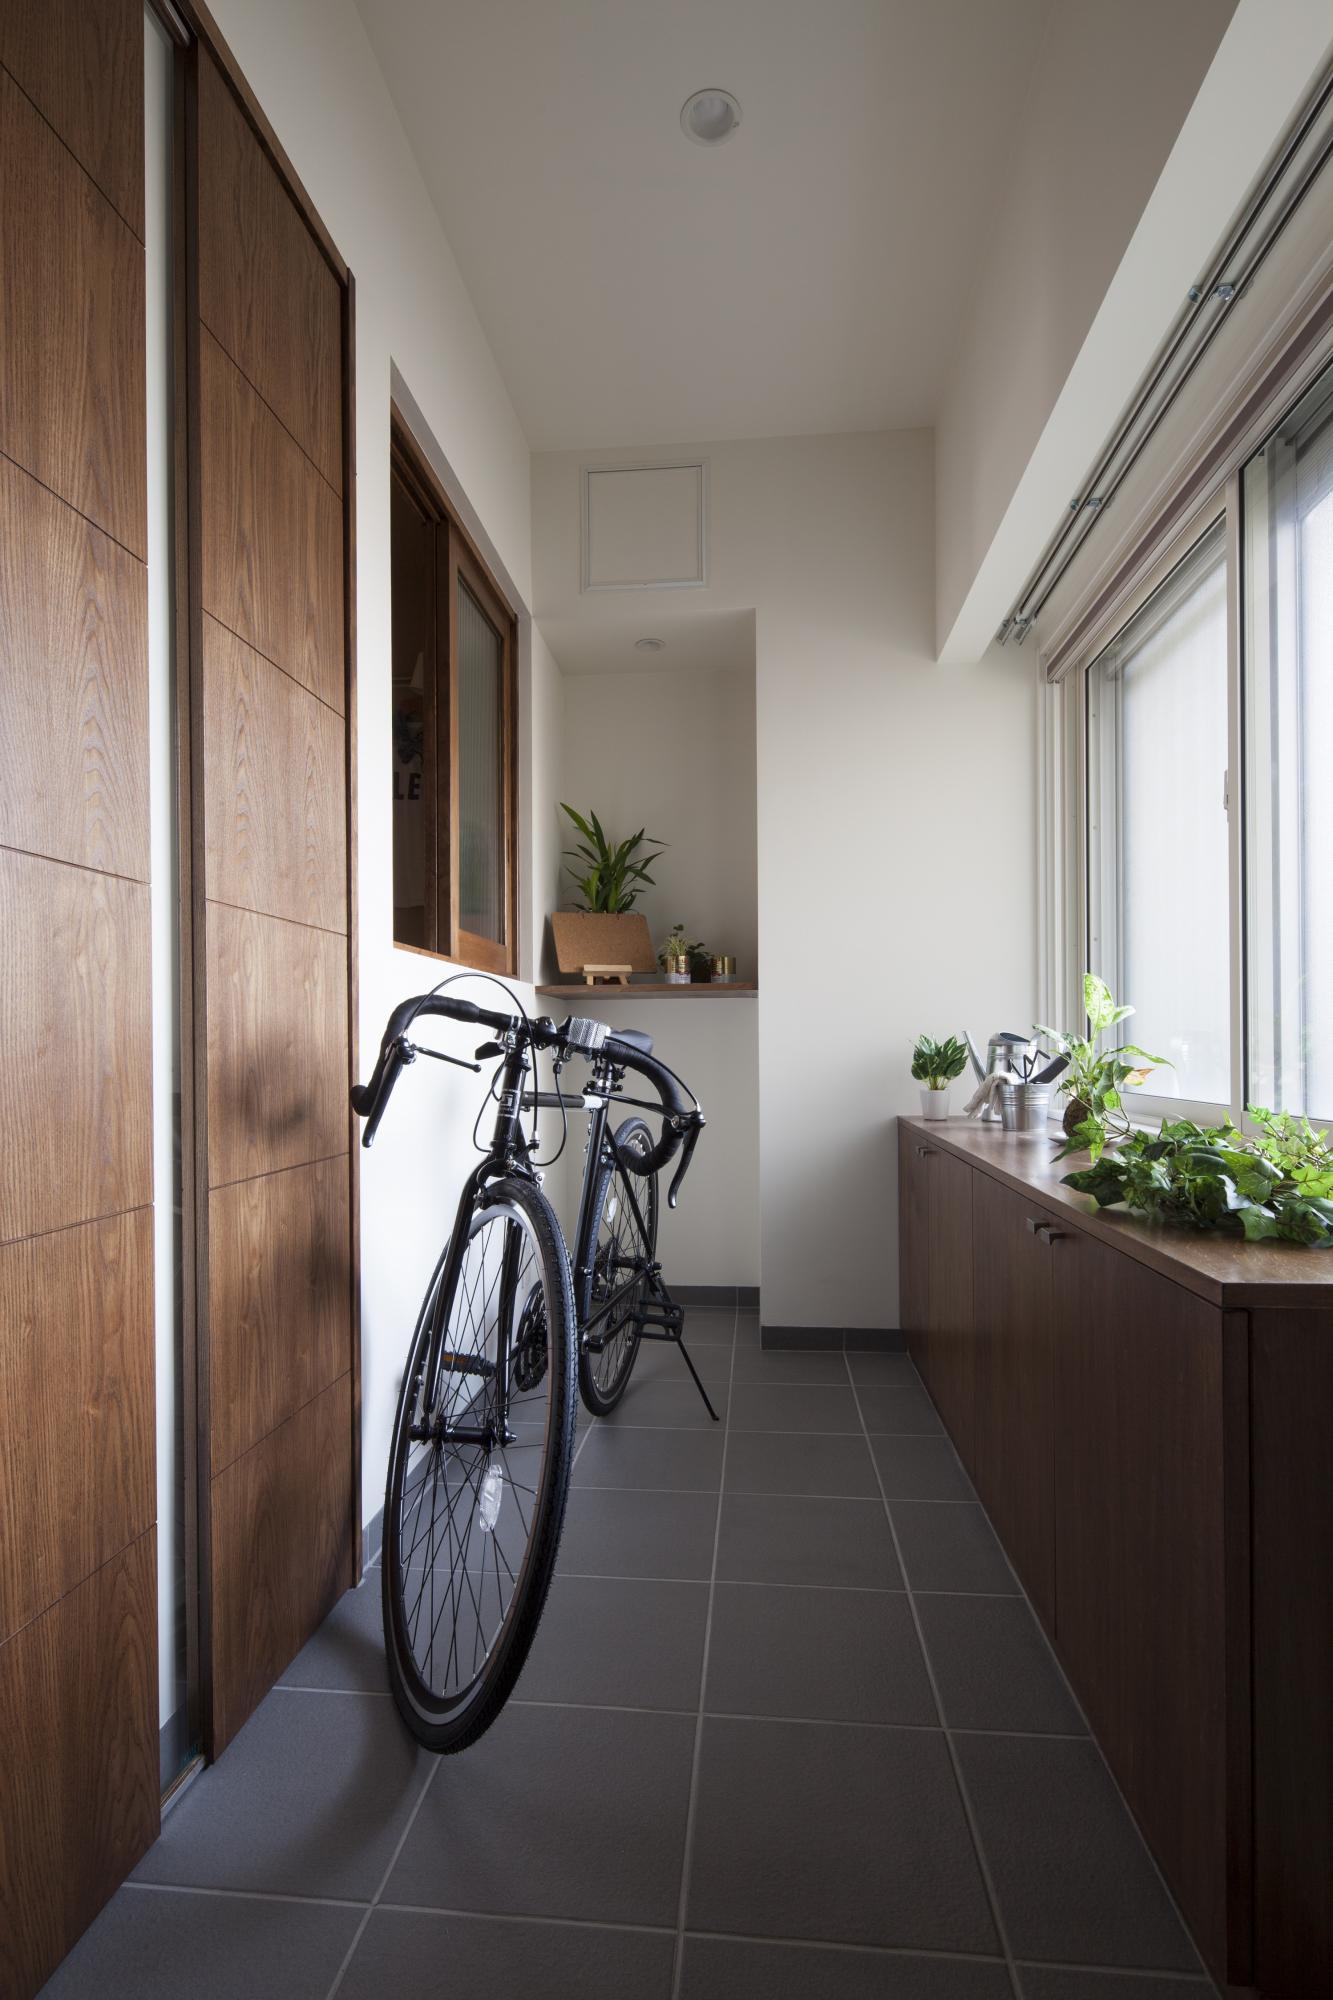 「自然の風」を感じられる為のプランニング   あなたは次の部屋のどちらが快適に過ごせると思いますか?  (1)室温27℃ 窓を閉め、エアコンを使用  (2)室温30℃ 窓を開放、エアコン未使用   この実験の結果、ほとんどの人が(2)の部屋の方が快適と答えたそうです。室温だけを比べると(1)の方が低いにもかかわらず(2)を選んだ人が多かったのは、自然の風が心地よかったからだと考えます。   室温が高くても、自然の風が入ってくる環境のほうが、エアコンでコントロールされた環境よりも過ごしやすいと感じる人が多いというのは、ちょっと意外な気がしますか?でも、窓を開けたら思ったより涼しくて、風が気持ちいいと感じたことはありませんか。この実験結果は、そんな感覚に近いことだと思うのですが、五感による快適さと、実際の室温とは、必ずしも一致しないということの証明でもあります。   また引き戸を採用しておりますので、室内のプライバシーを保ちつつ、緩やかに通風を確保し、住まいの空気のよどみを無くす等の使い方が可能となります。